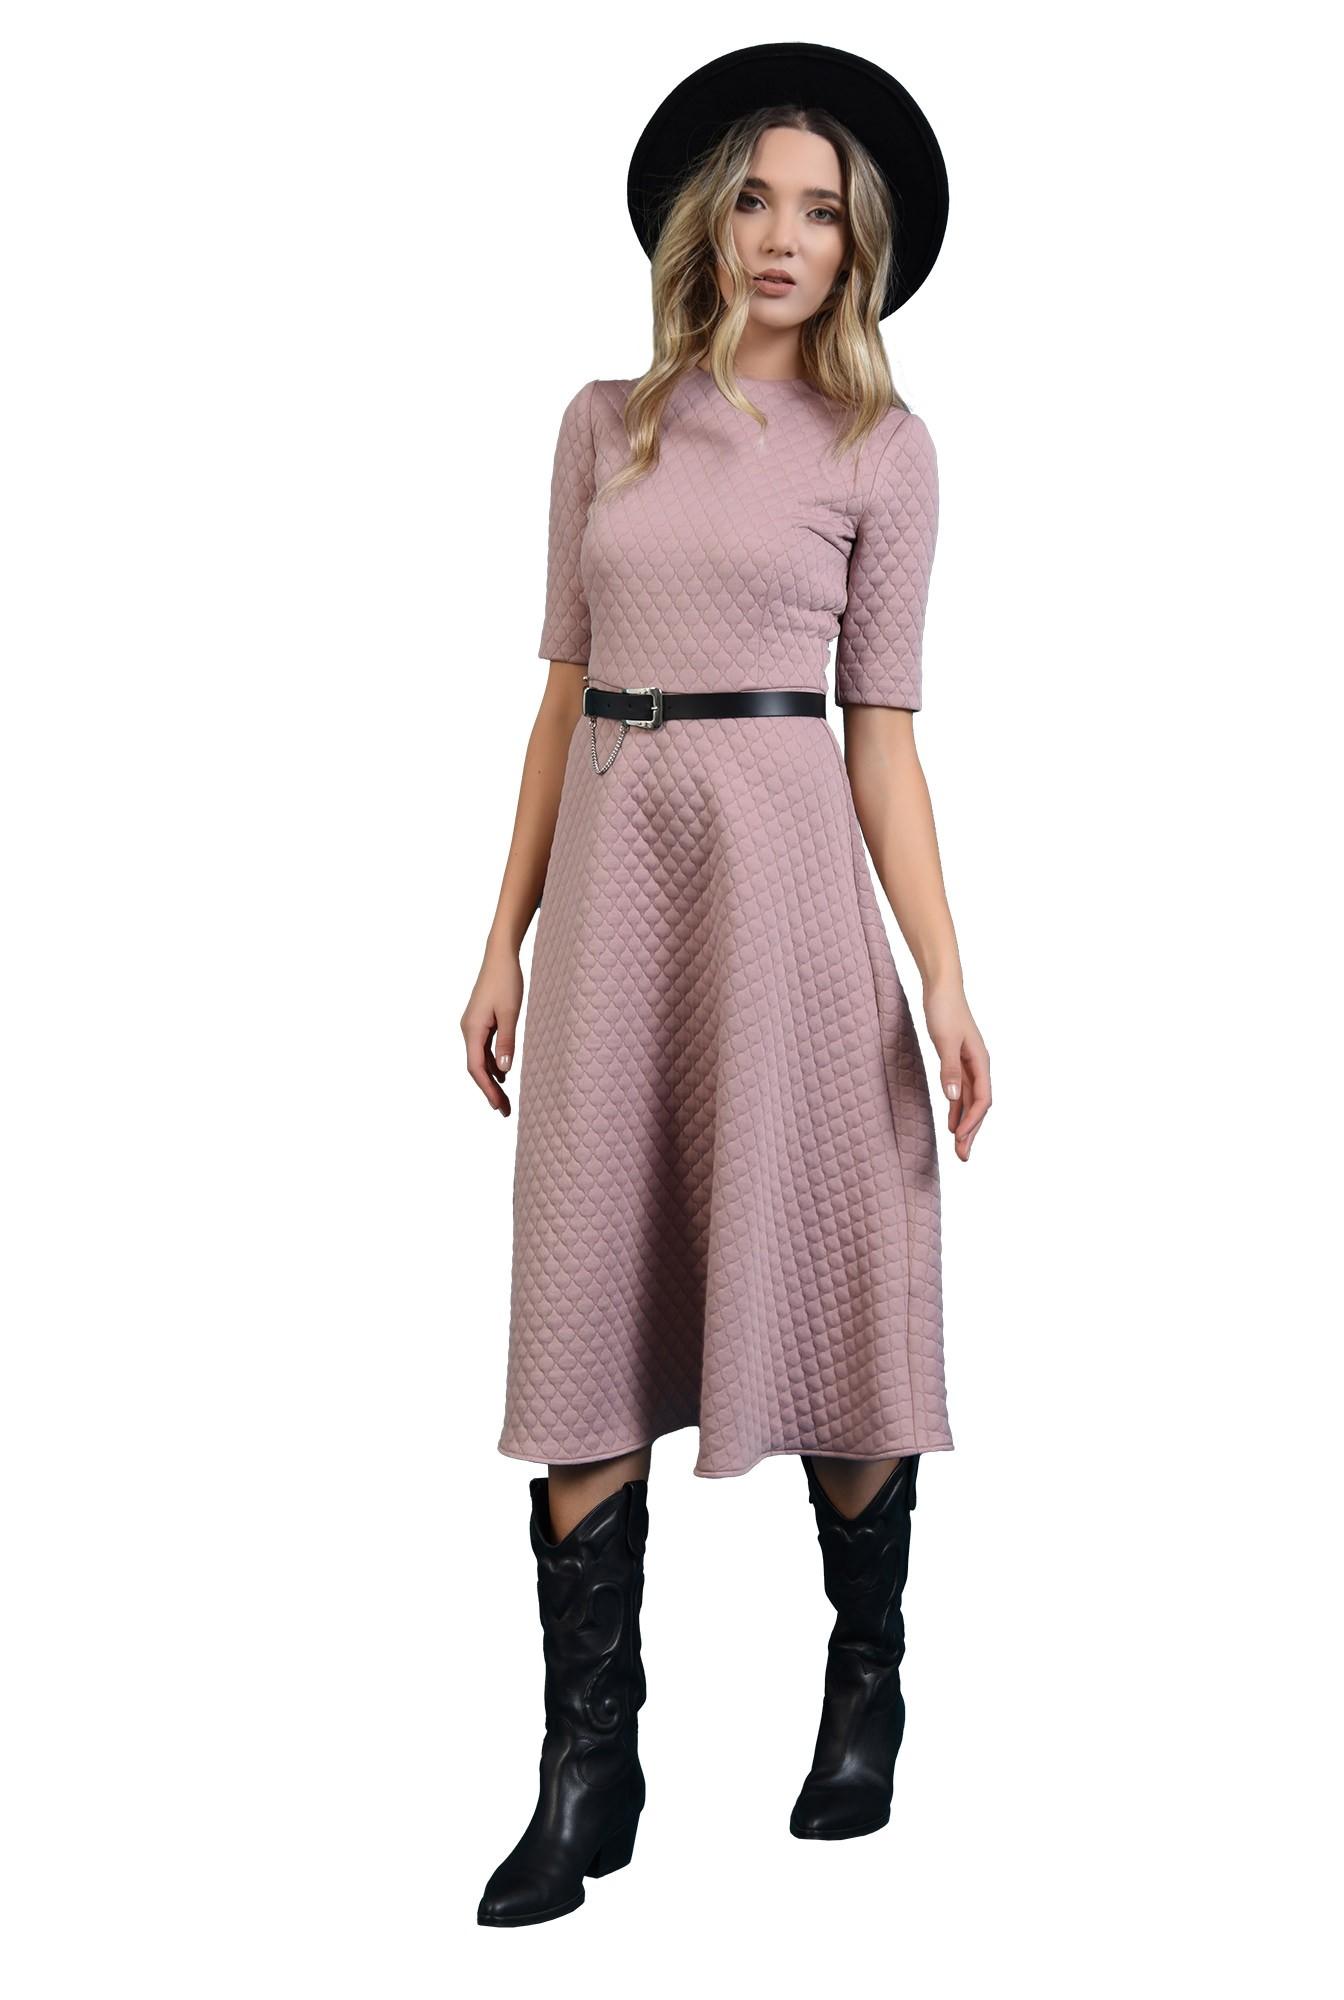 3 - 360 - rochie midi, roz, evazata, din material matlasat